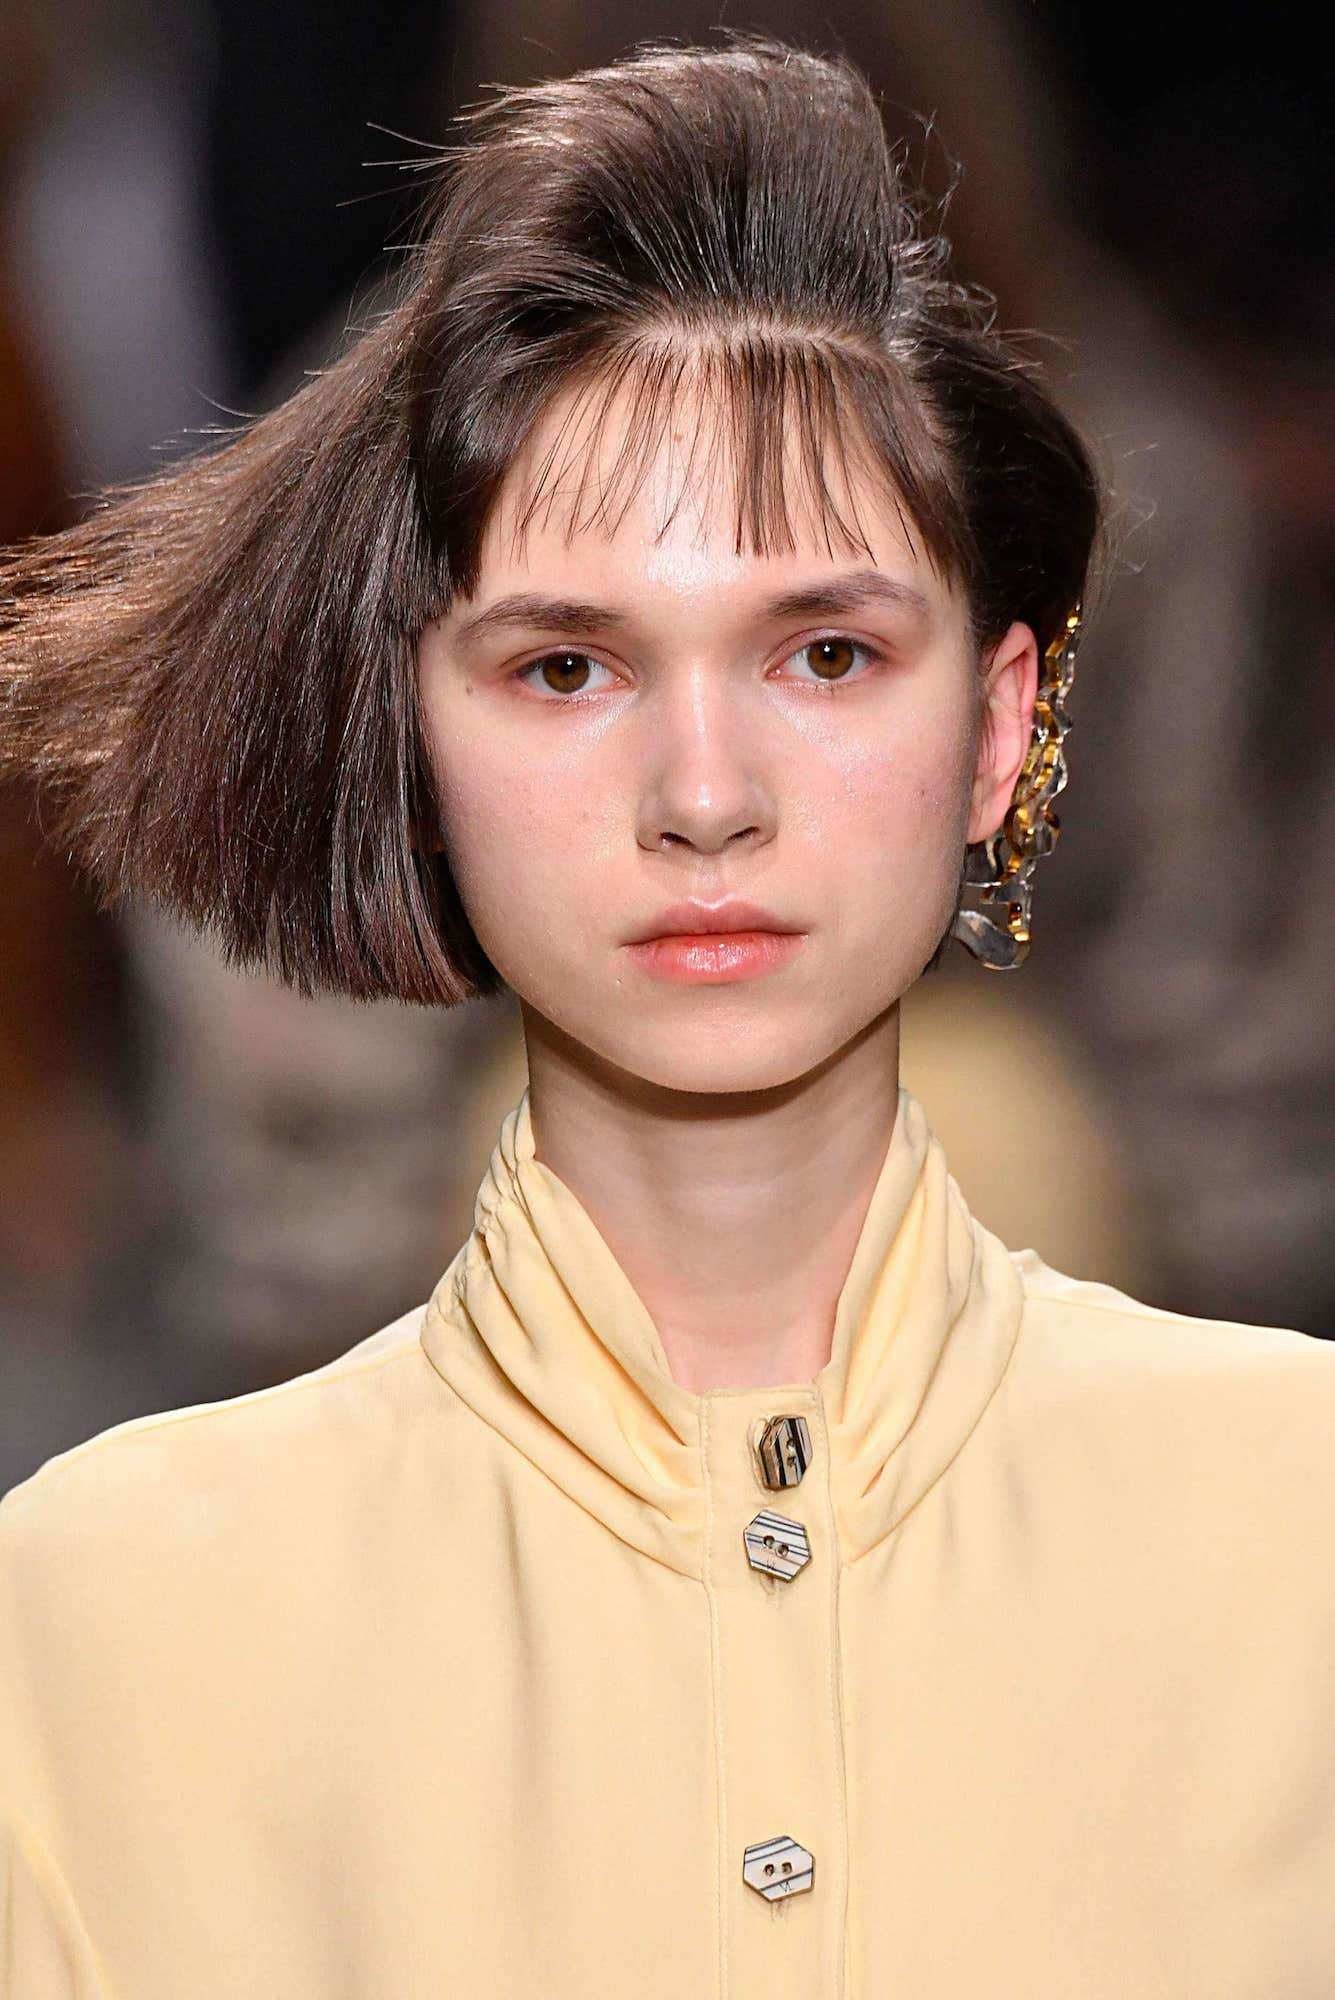 gaya rambut 80an model bob dengan poni disisir ke atas.